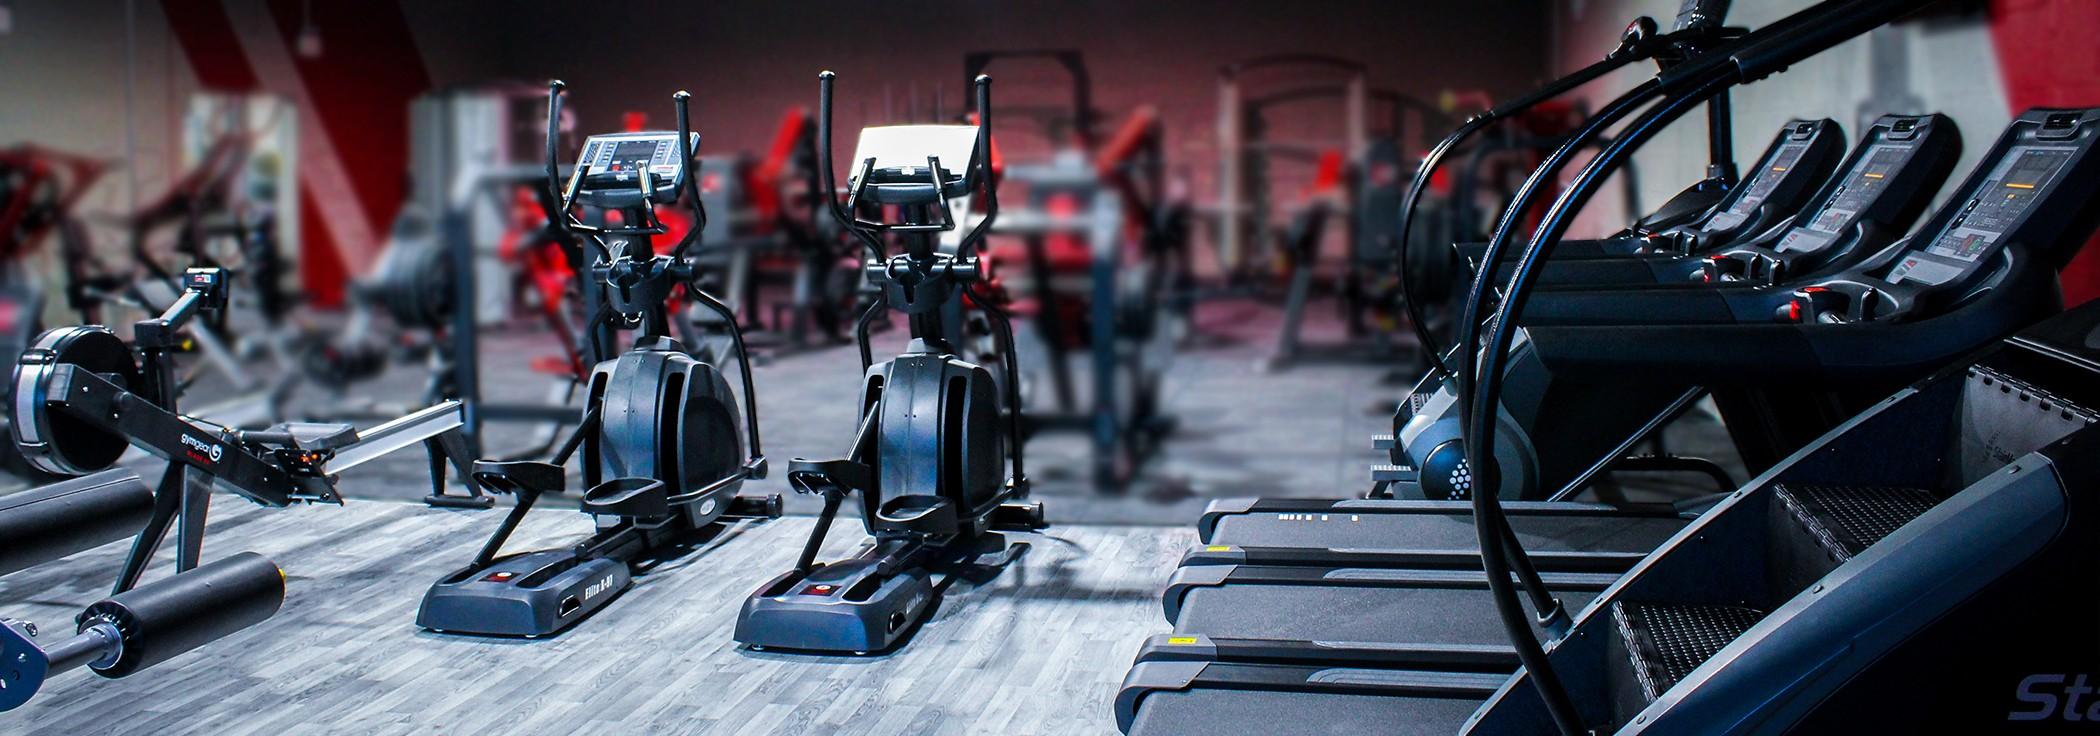 Gym Gear | LinkedIn